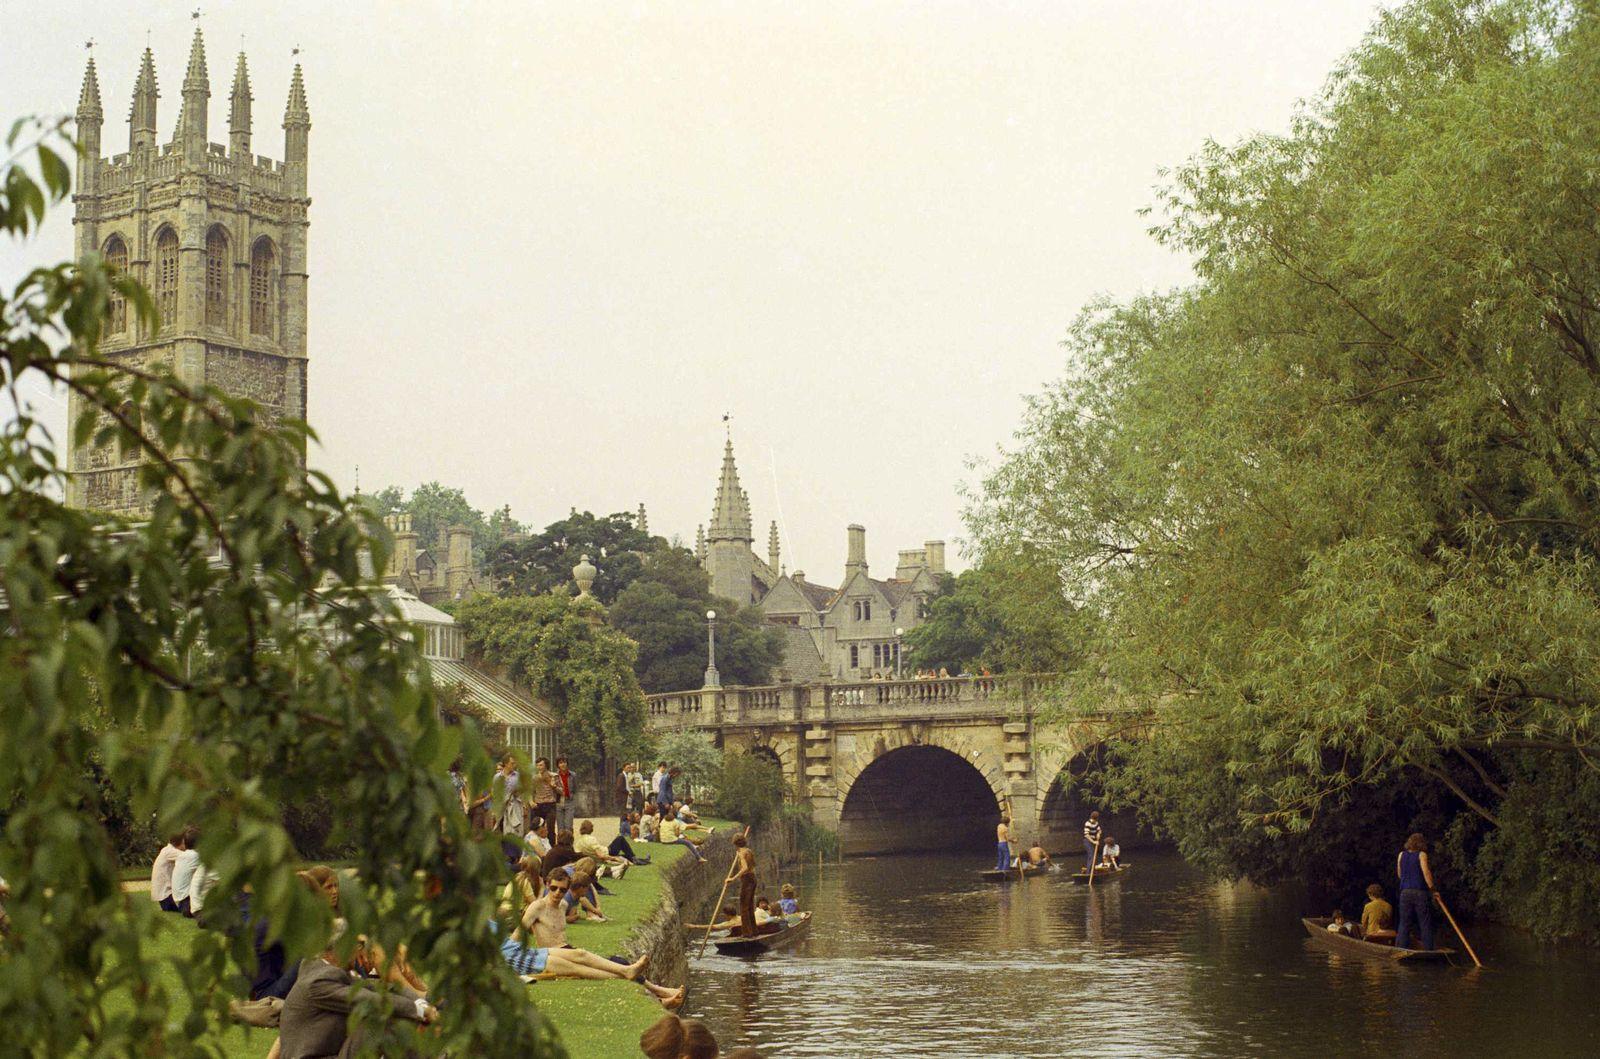 Oxford University / Universität